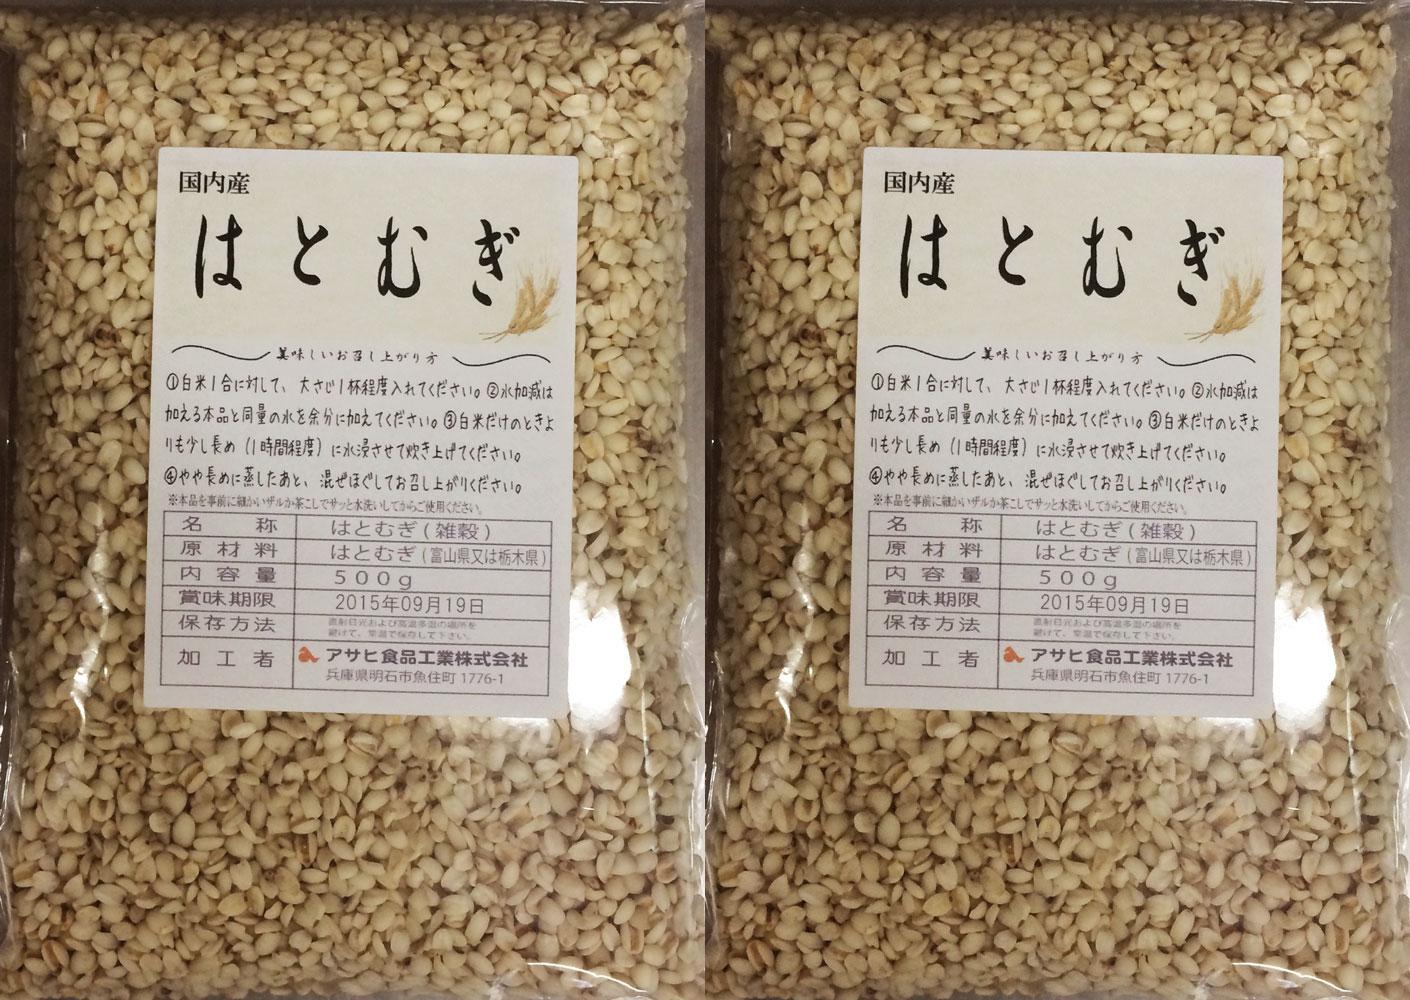 はとむぎ 豆力 こだわりの国産精白はと麦(丸粒挽割混合) 1Kg